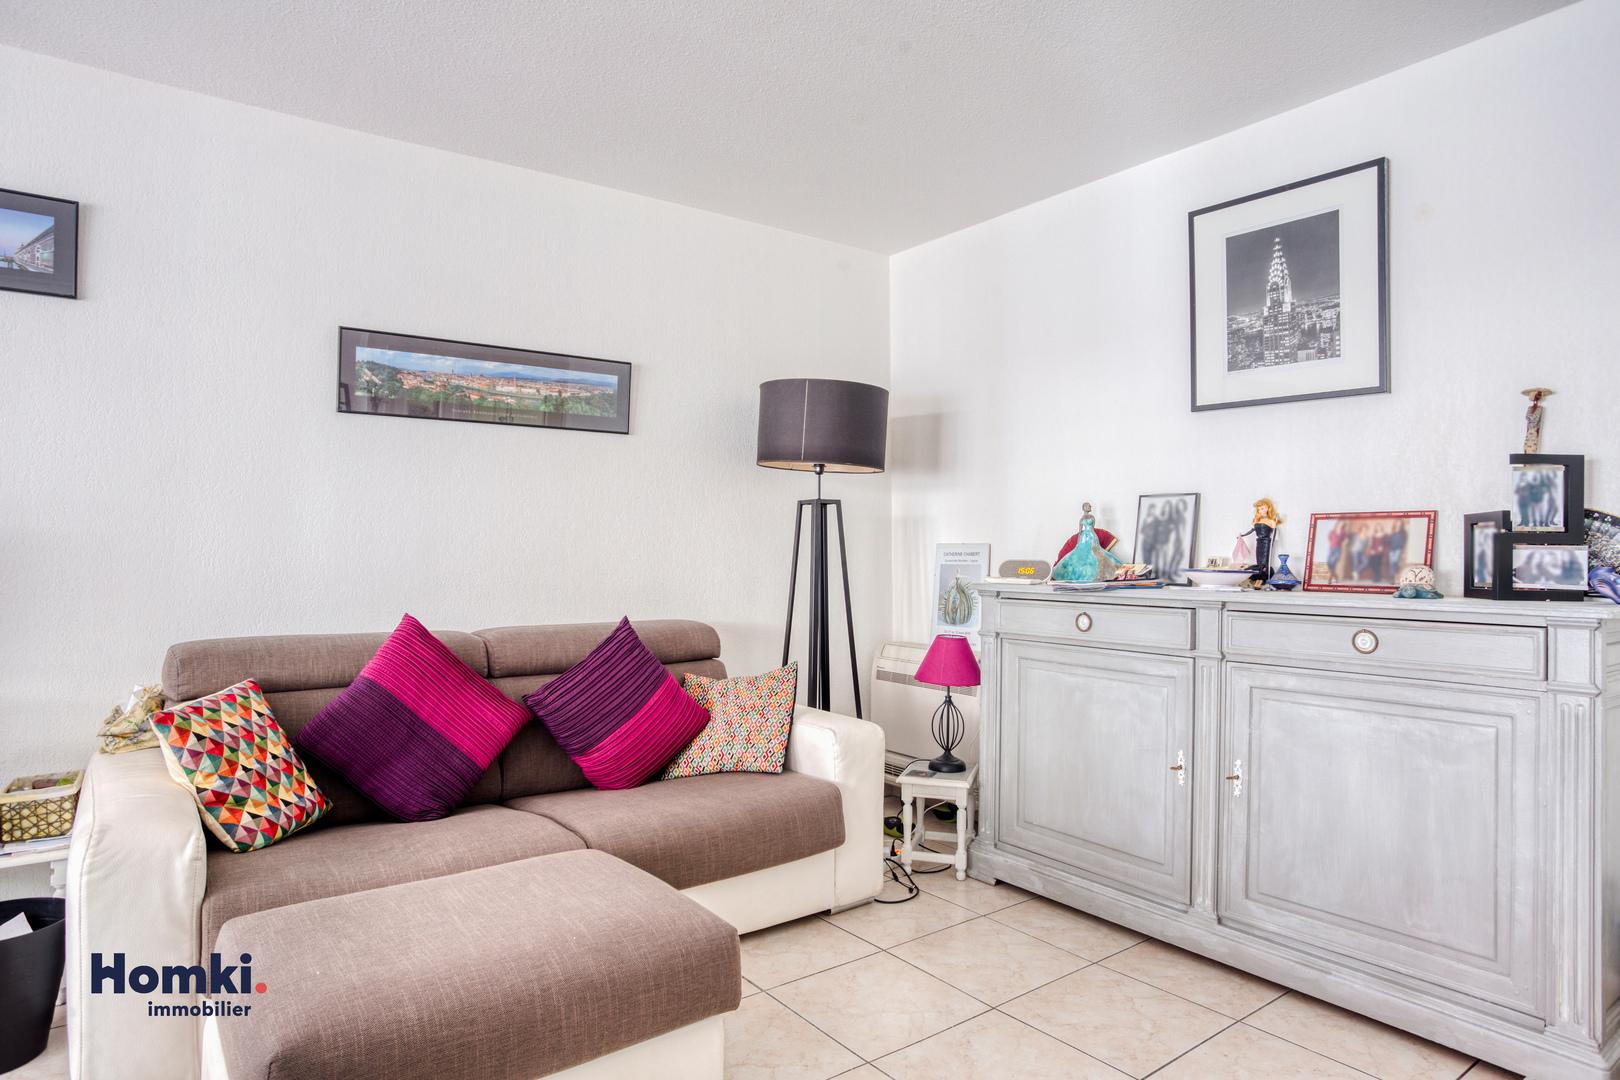 Vente Appartement 72 m² T4 83700_11